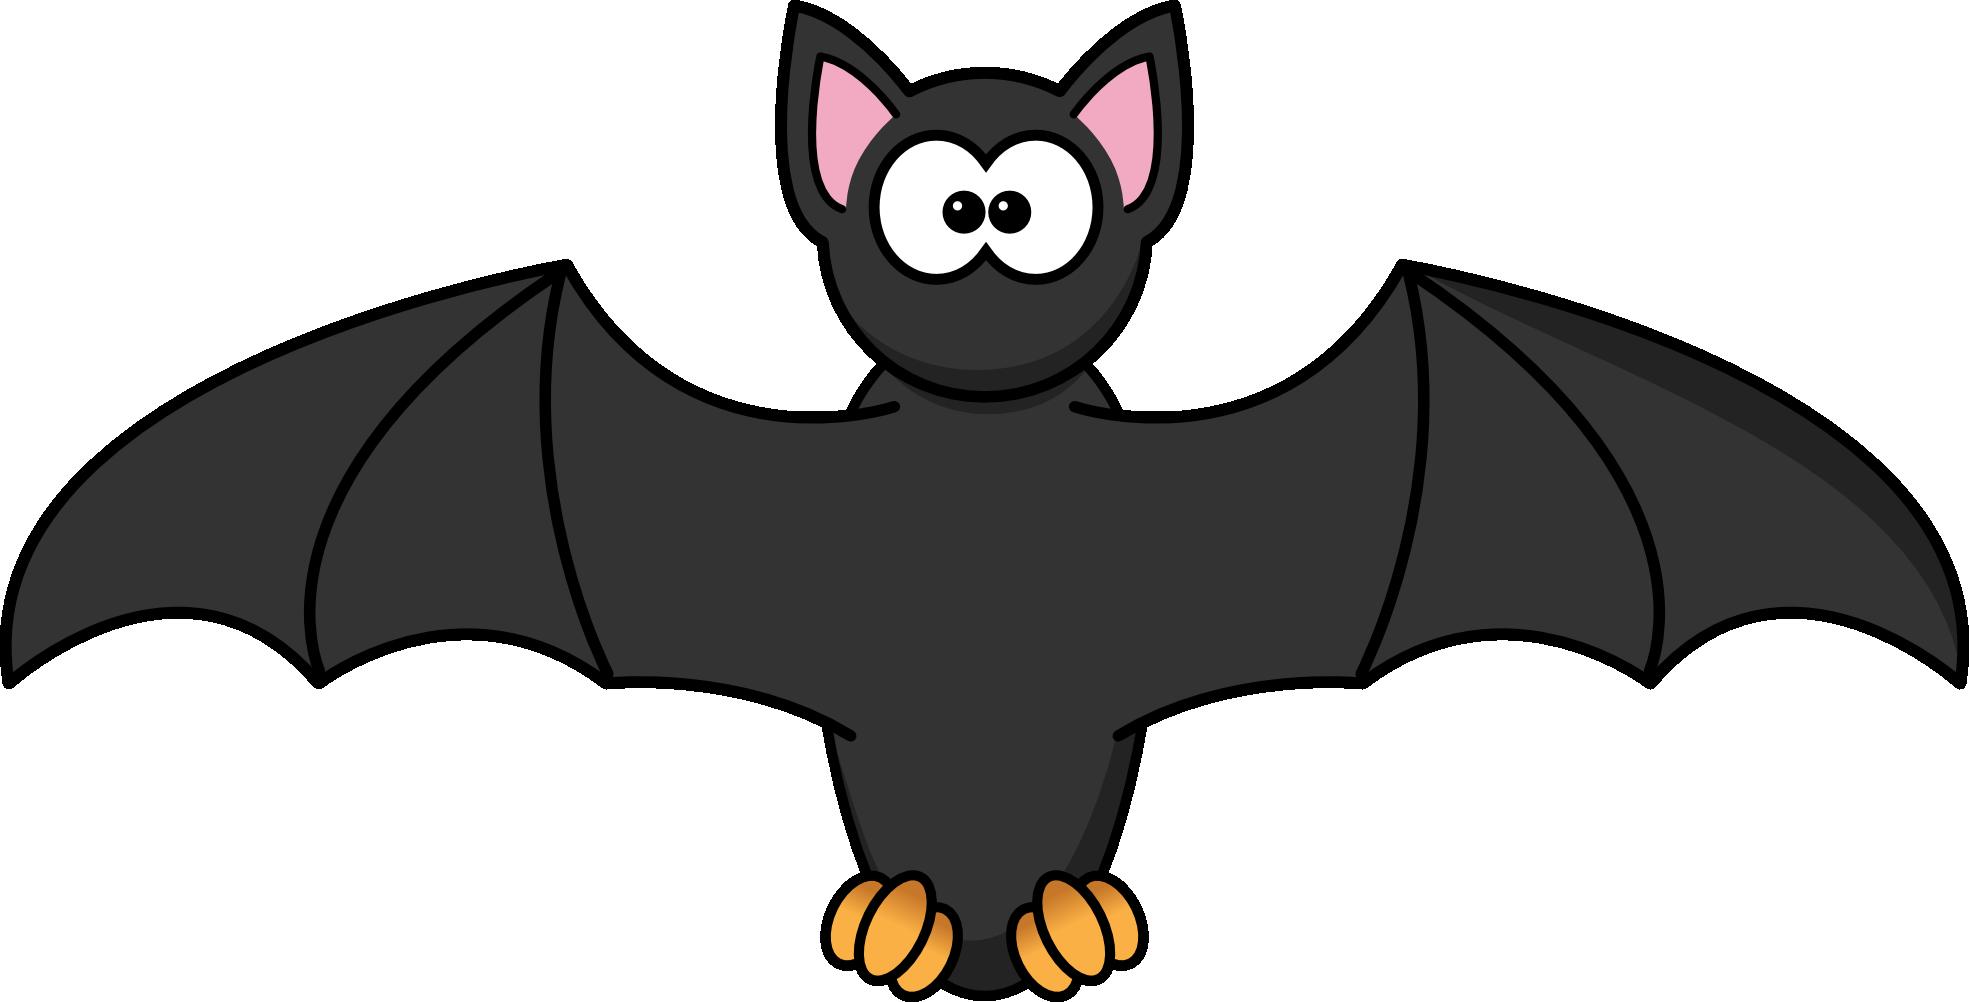 Bat Clip Art - Batclip